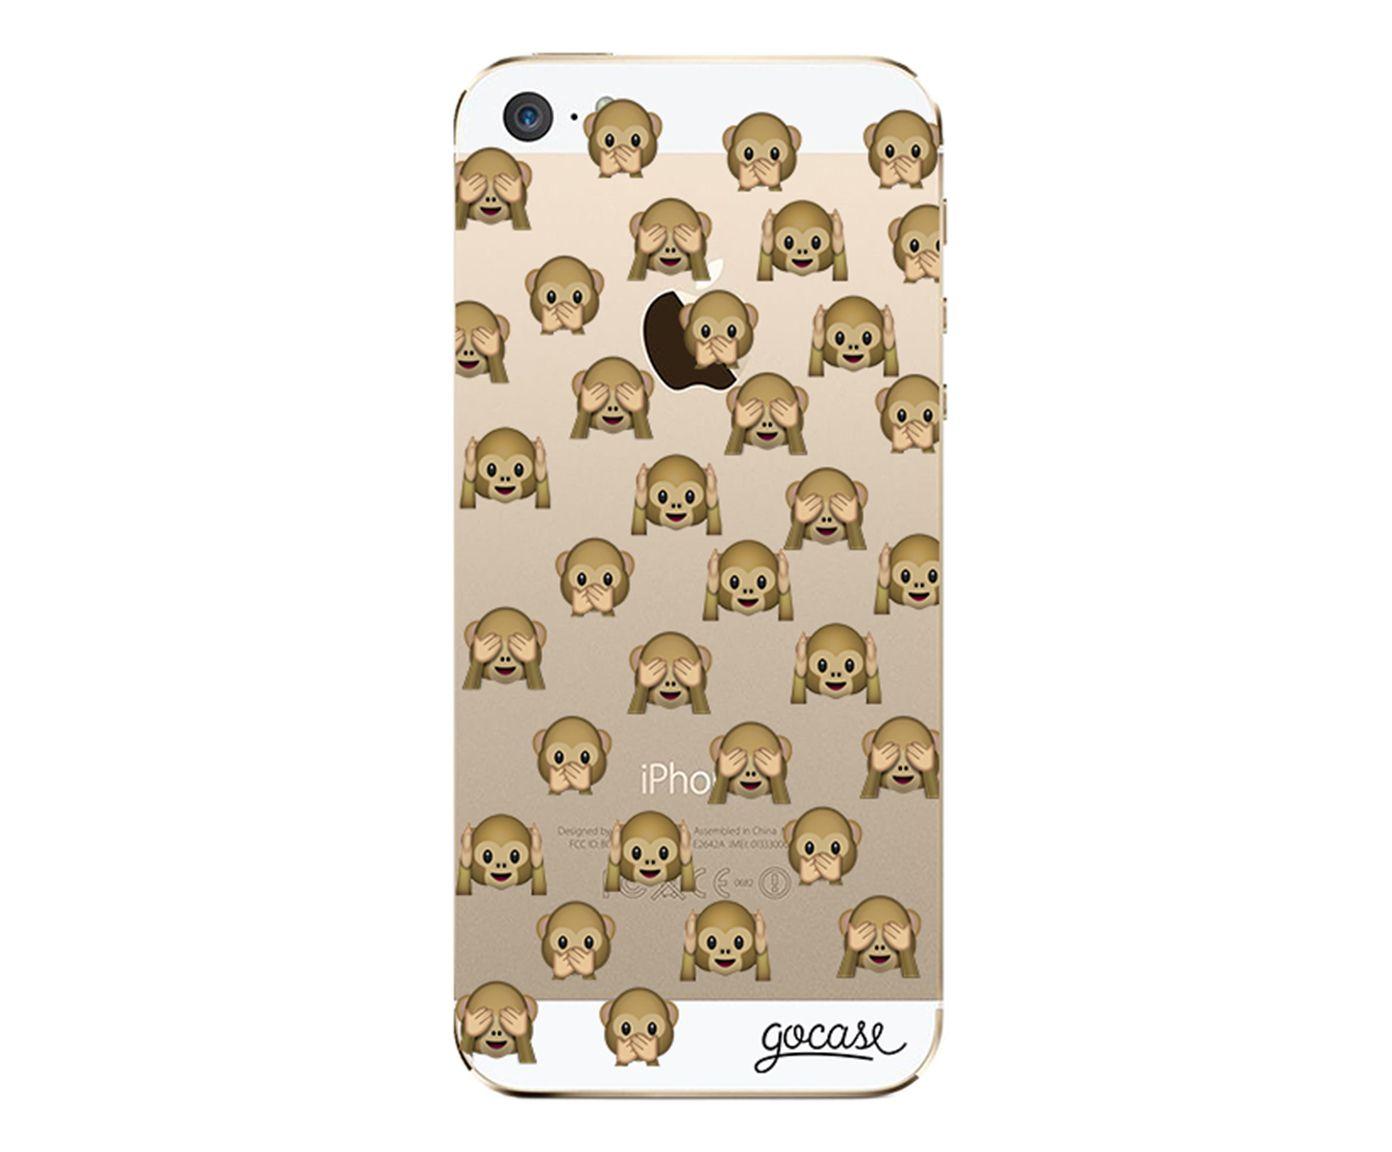 Case Segredo Dos Macacos - Para iPhone 5/5S | Westwing.com.br